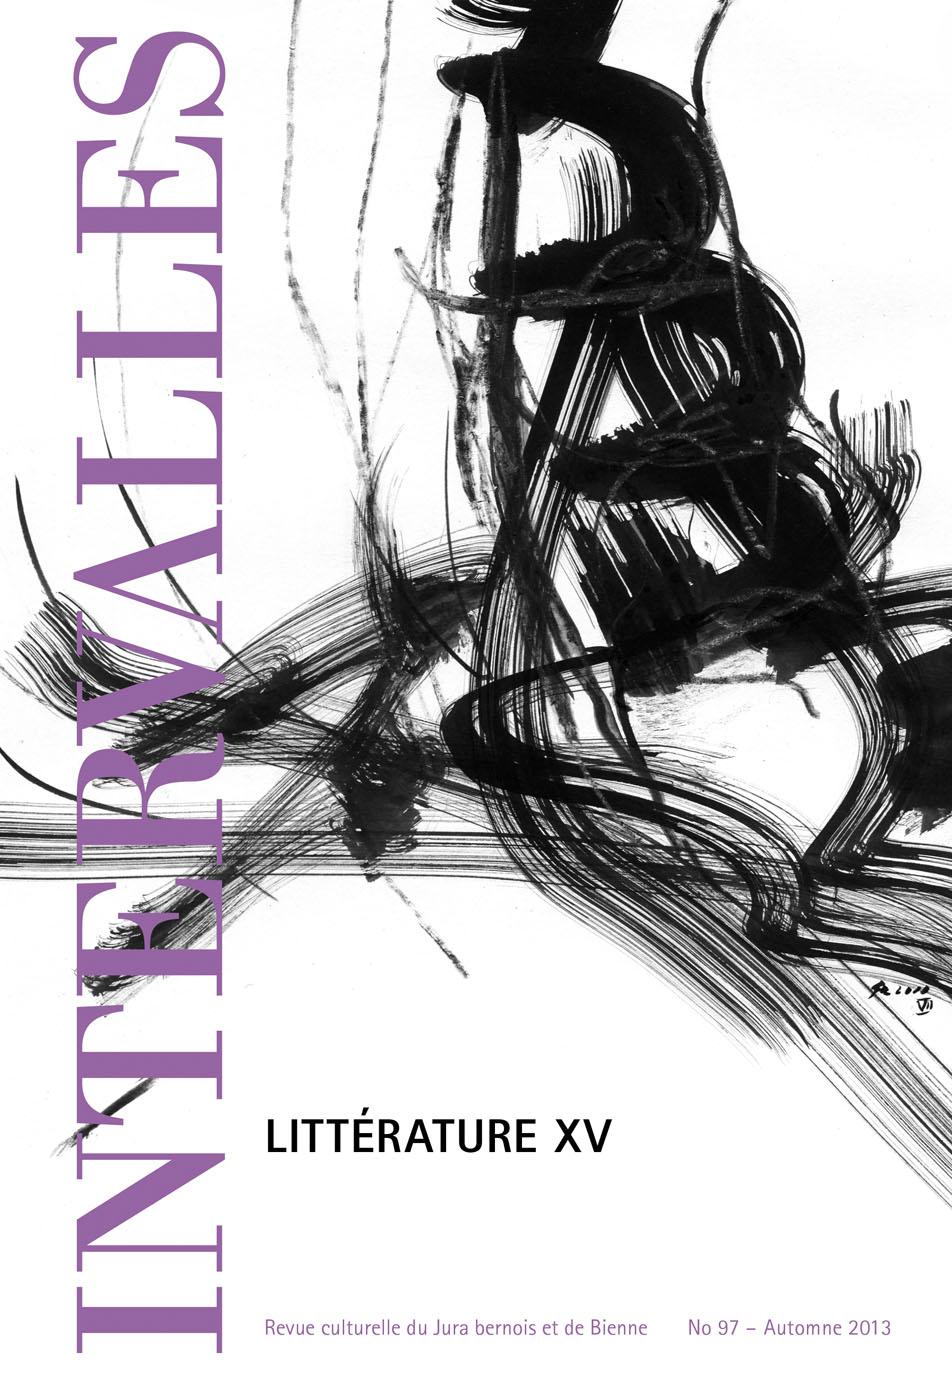 No 97 – Littérature XV